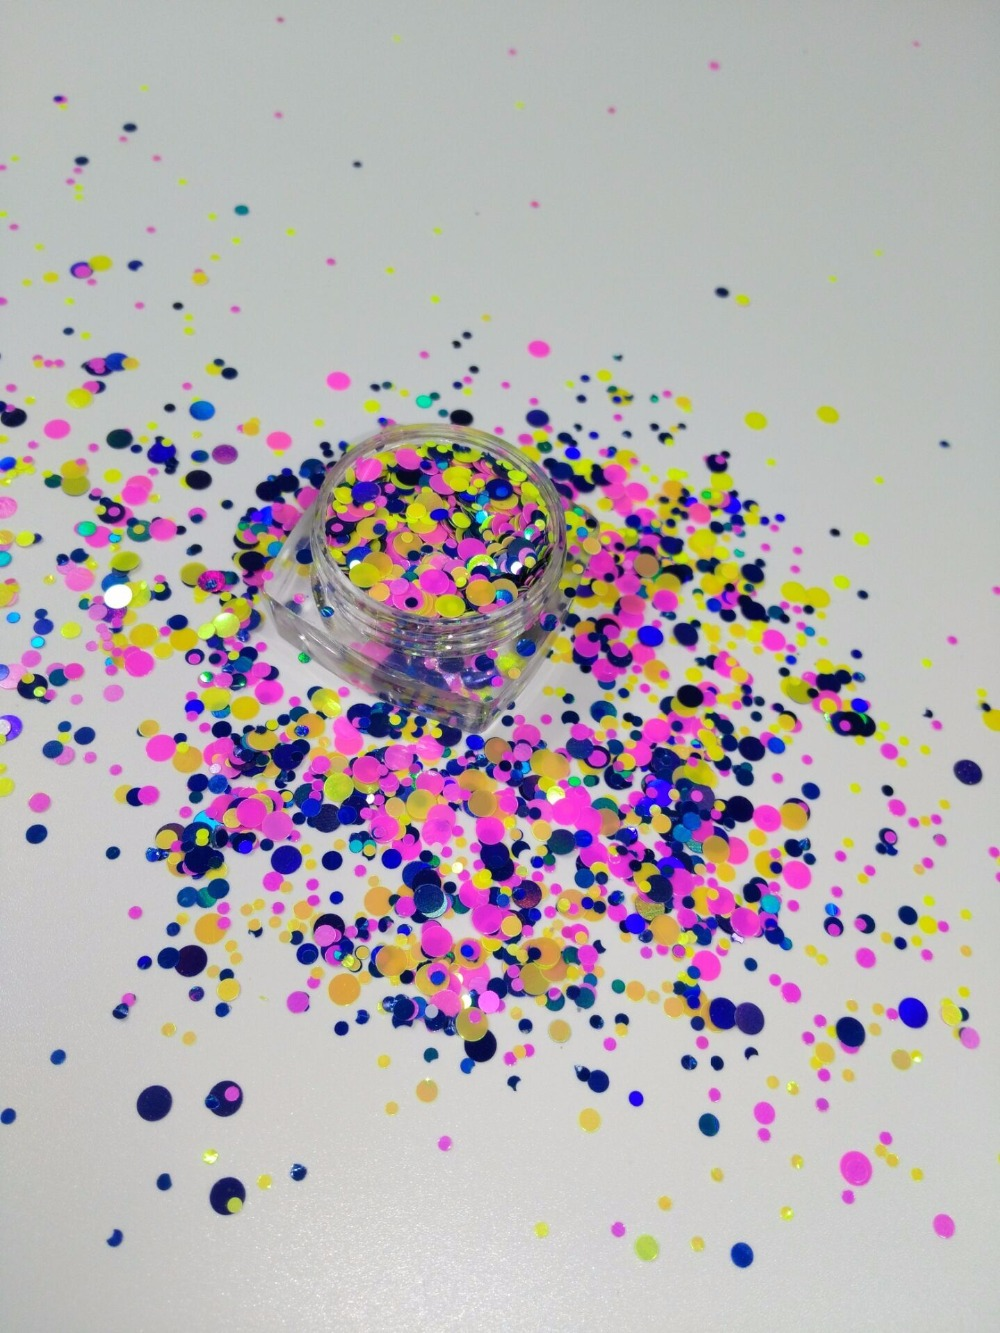 Schönheit & Gesundheit Nagelglitzer Ym-007 1/2/3 Nagel Glitter Paillette Bunten Pailletten Glänzende Runde Ultradünne Uv Gel Maniküre Diy Dekoration Für Nail-50g/200 Gr/beutel